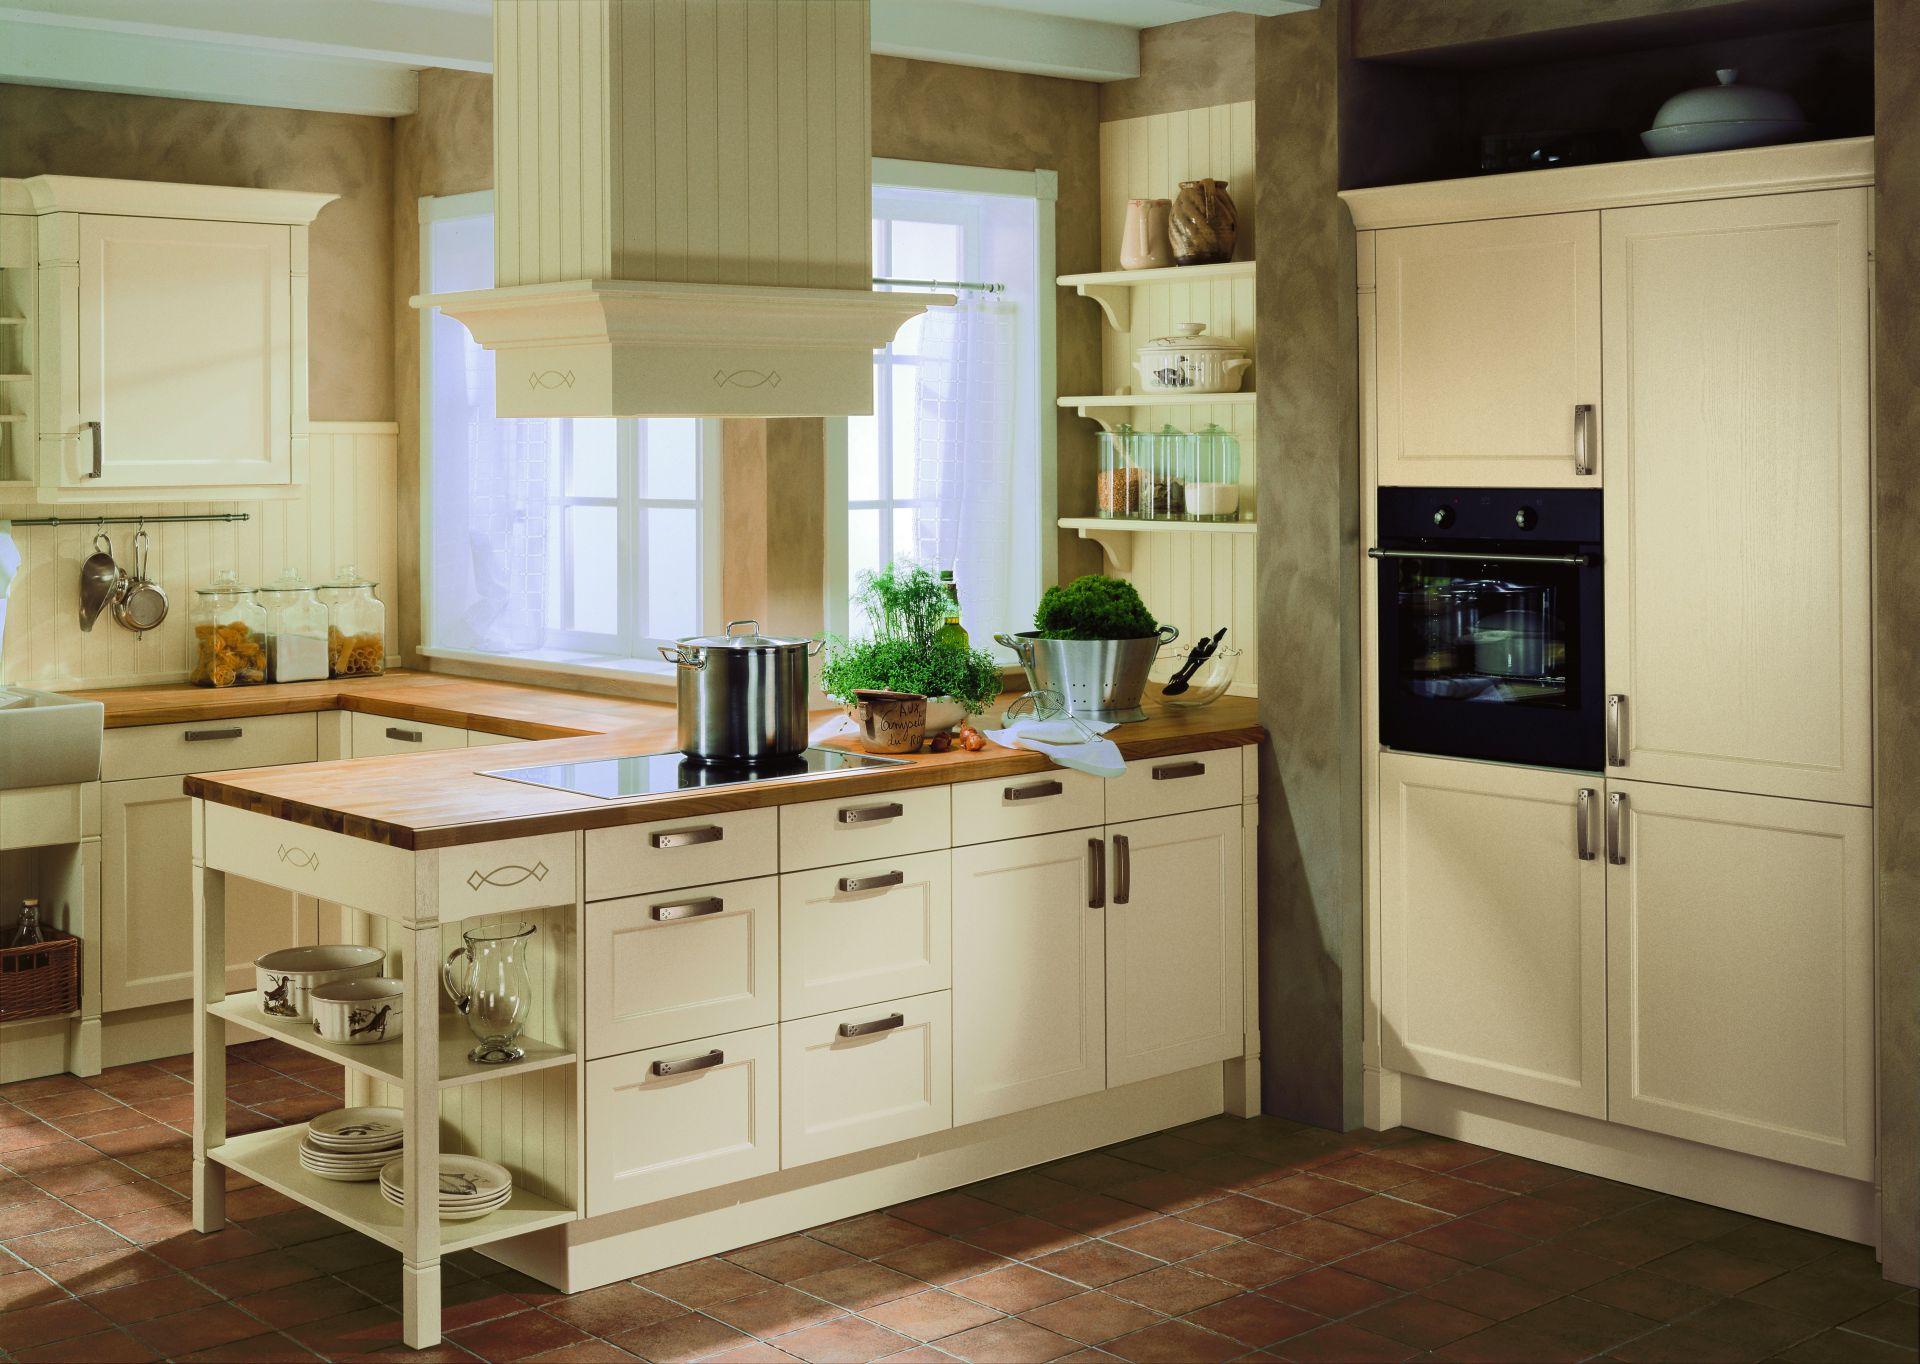 Riviera Maison Keuken Paul Roescher : Klassieke keukens vindt u in Friesland bij Huizenga Keukenstyle